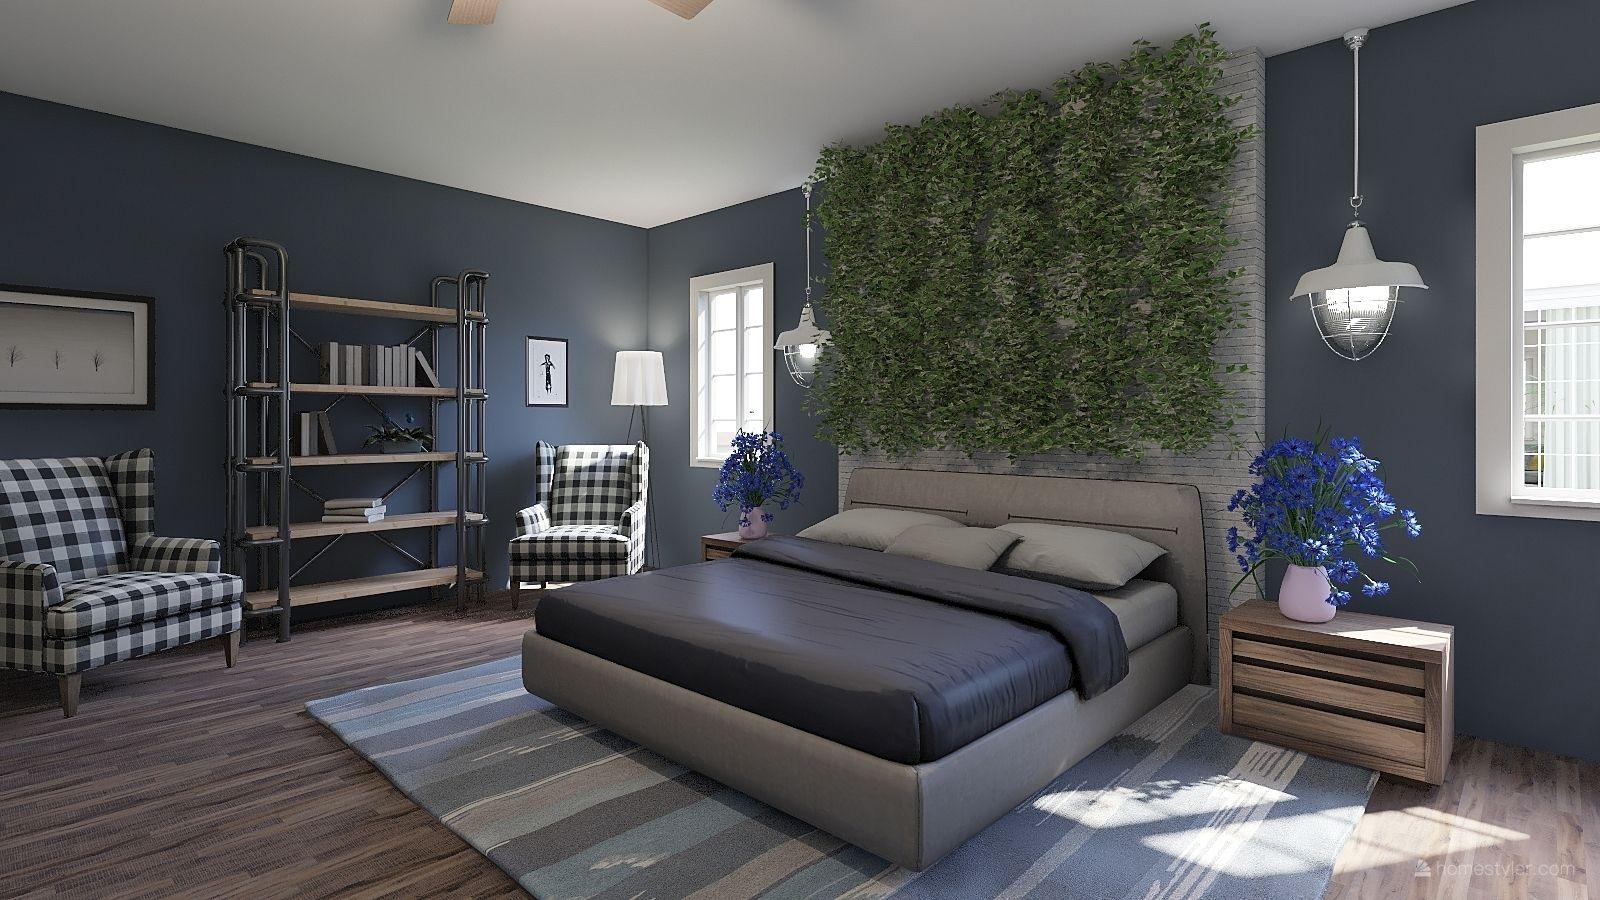 Bedroom Design By Isabella Schulz 3d Home Design Software Home